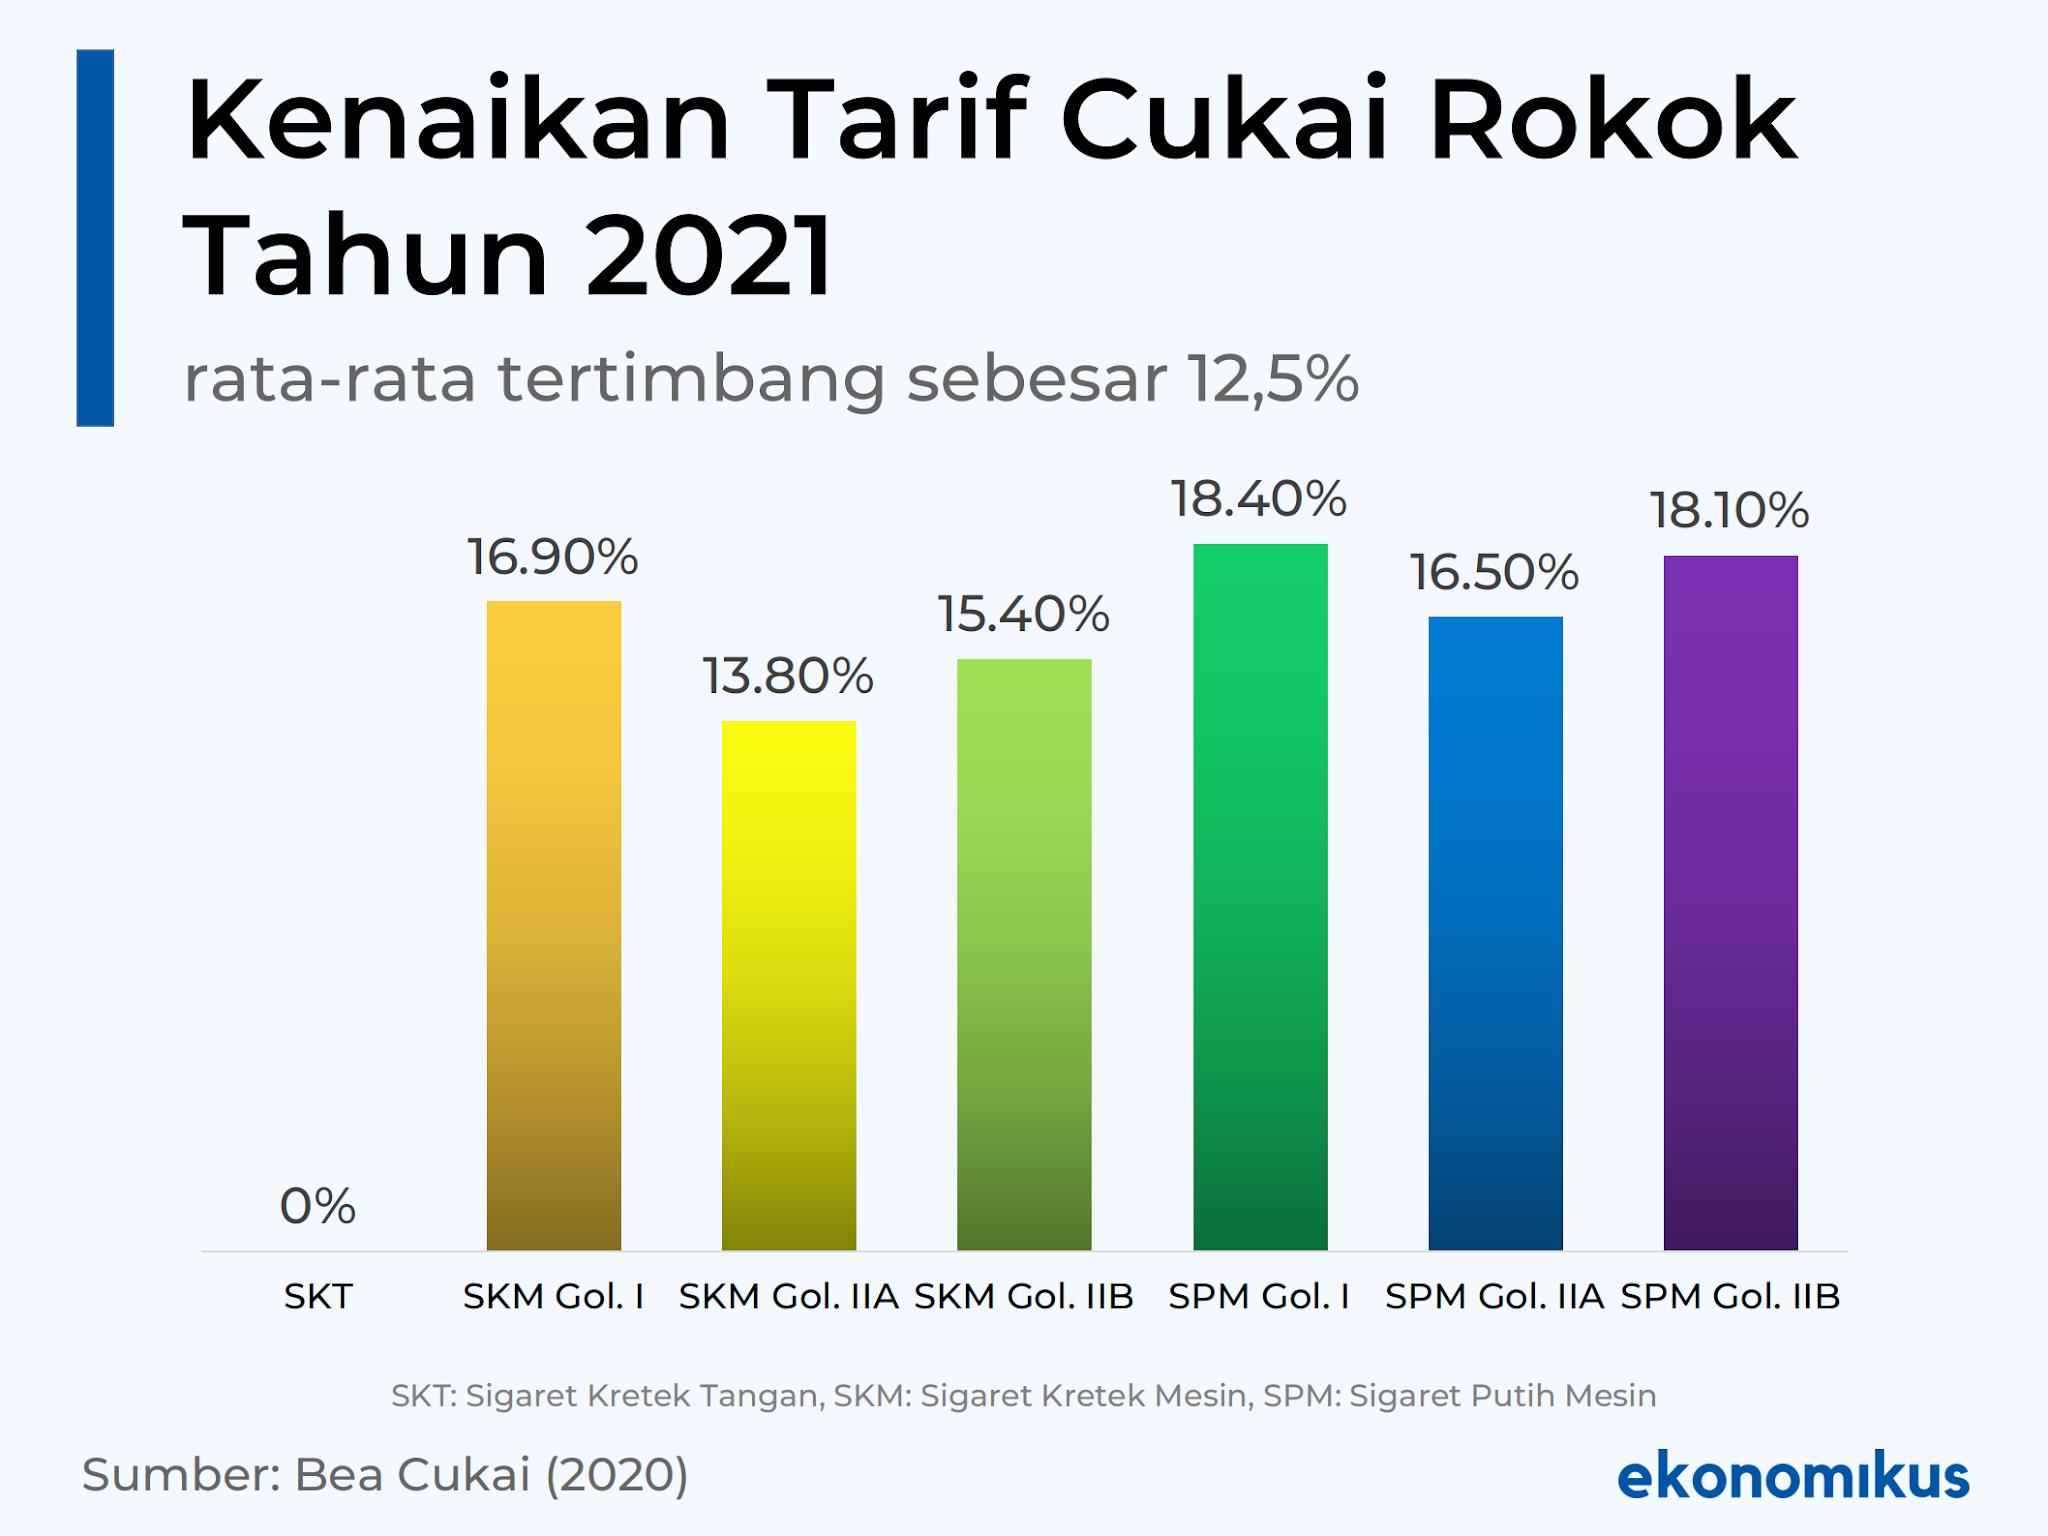 Rincian Kenaikan Tarif Cukai Rokok 2021